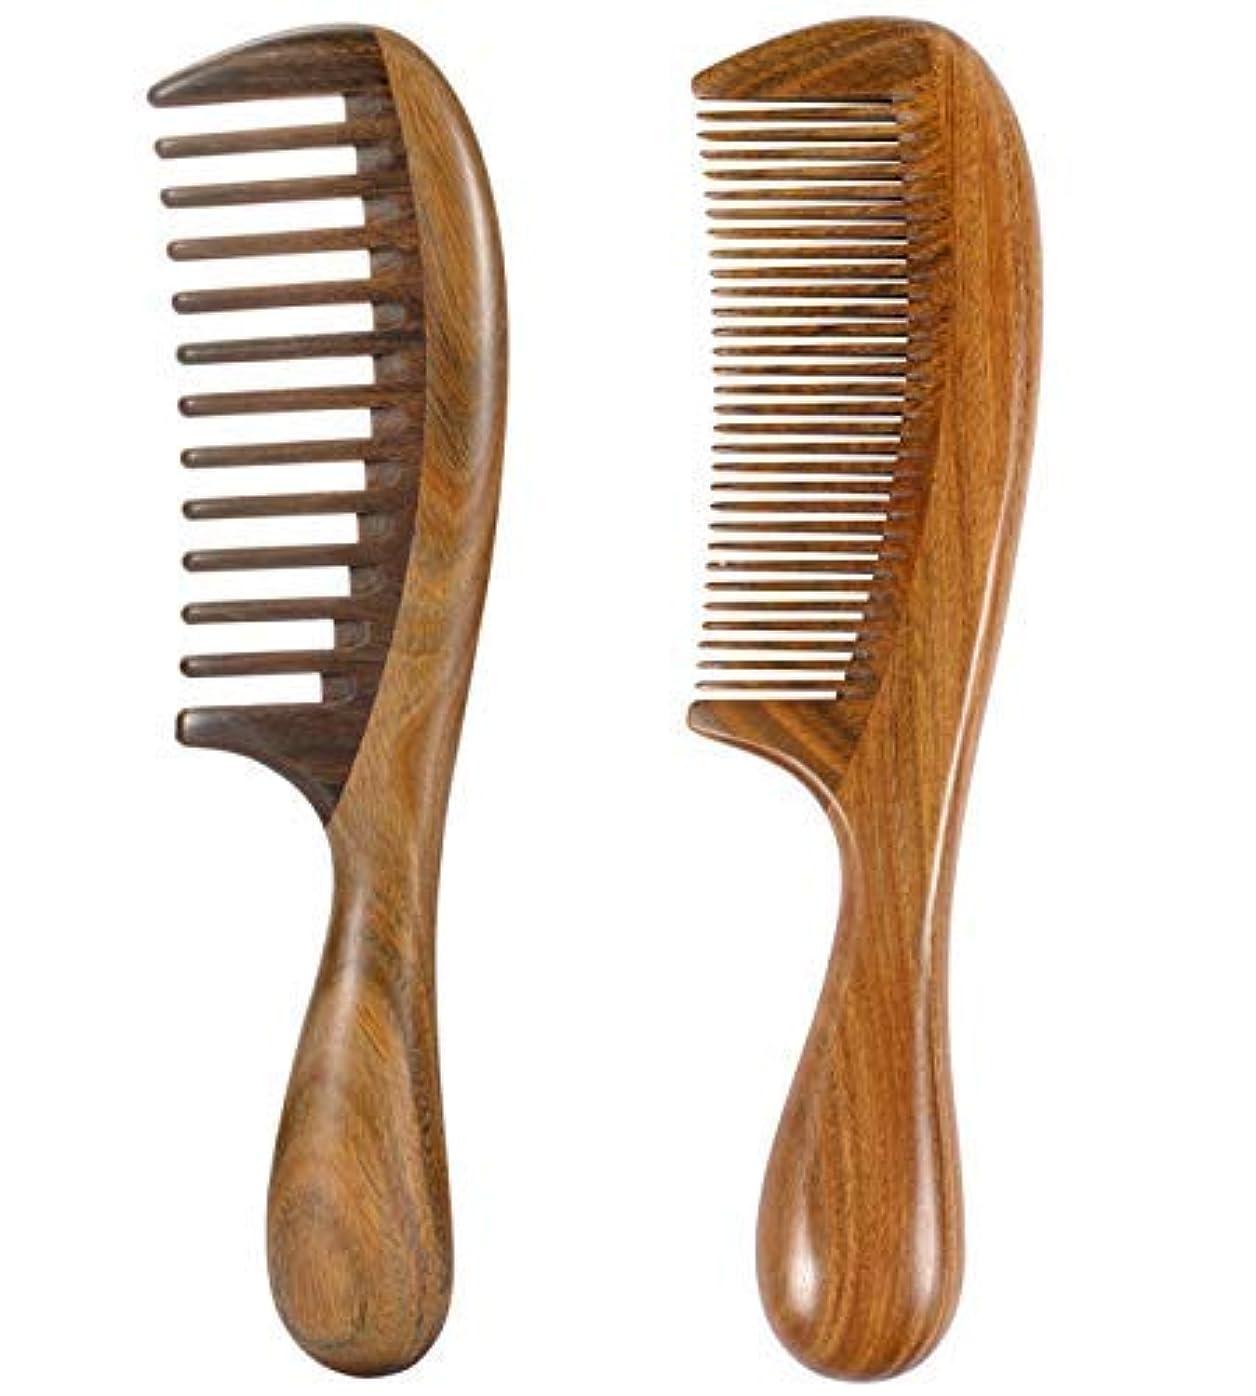 ルーフサバントプラスチックiPang 2pcs Wooden Hair Comb Wide Tooth Comb and Find Tooth Comb Detangling Sandalwood Comb [並行輸入品]